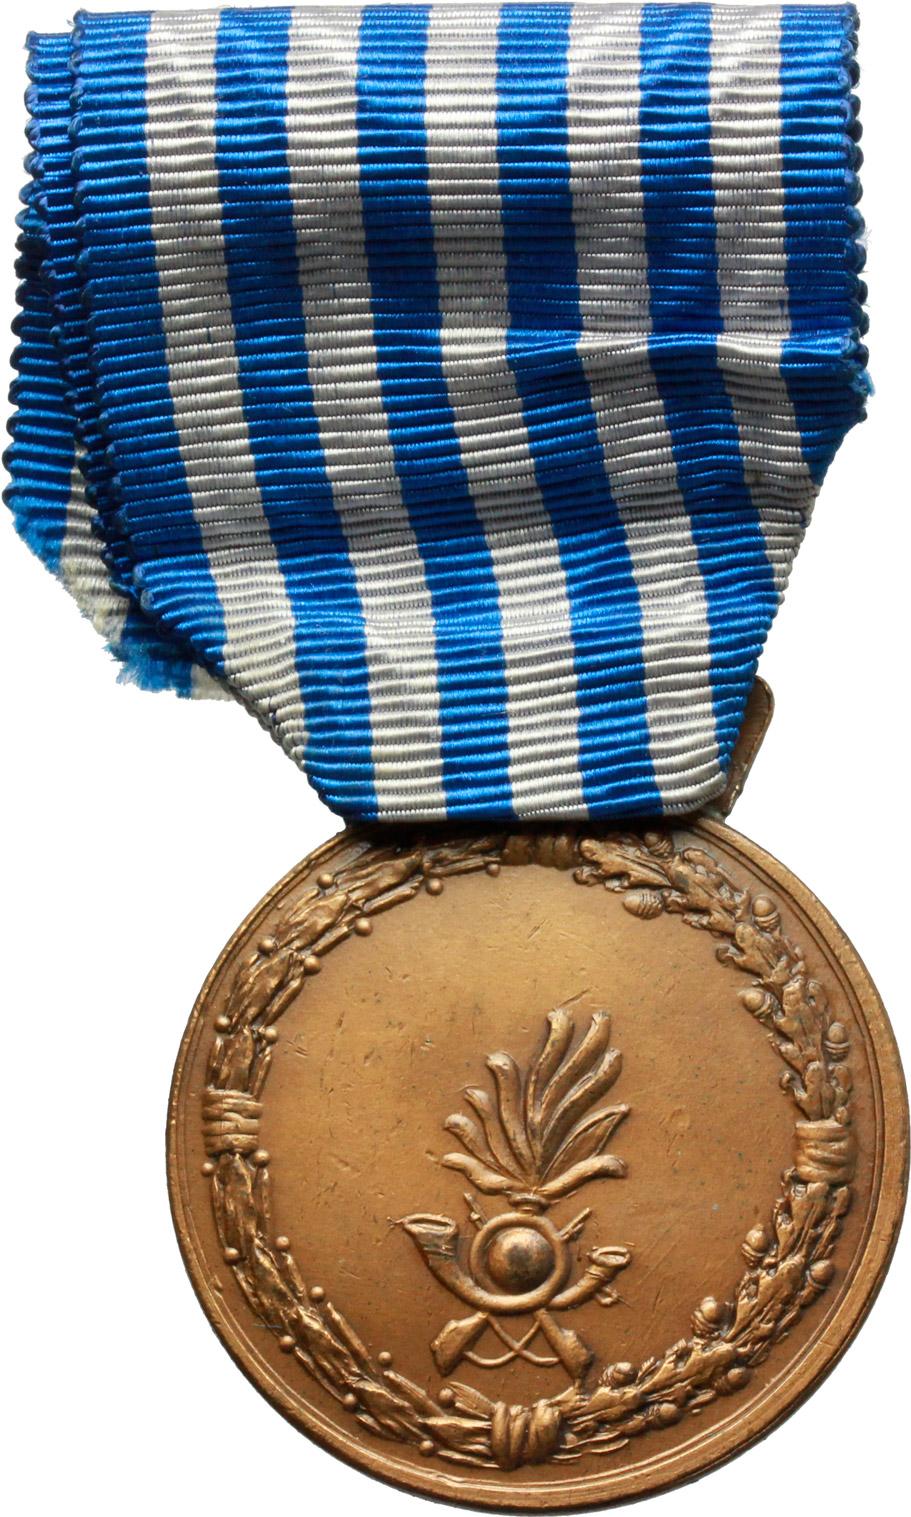 D/  Medaglia con nastrino Repubblica Italiana. Al Merito di lungo comando nella Guardia di Finanza (1954).    Brambilla p. 866. AE.   mm. 36.00    qSPL.